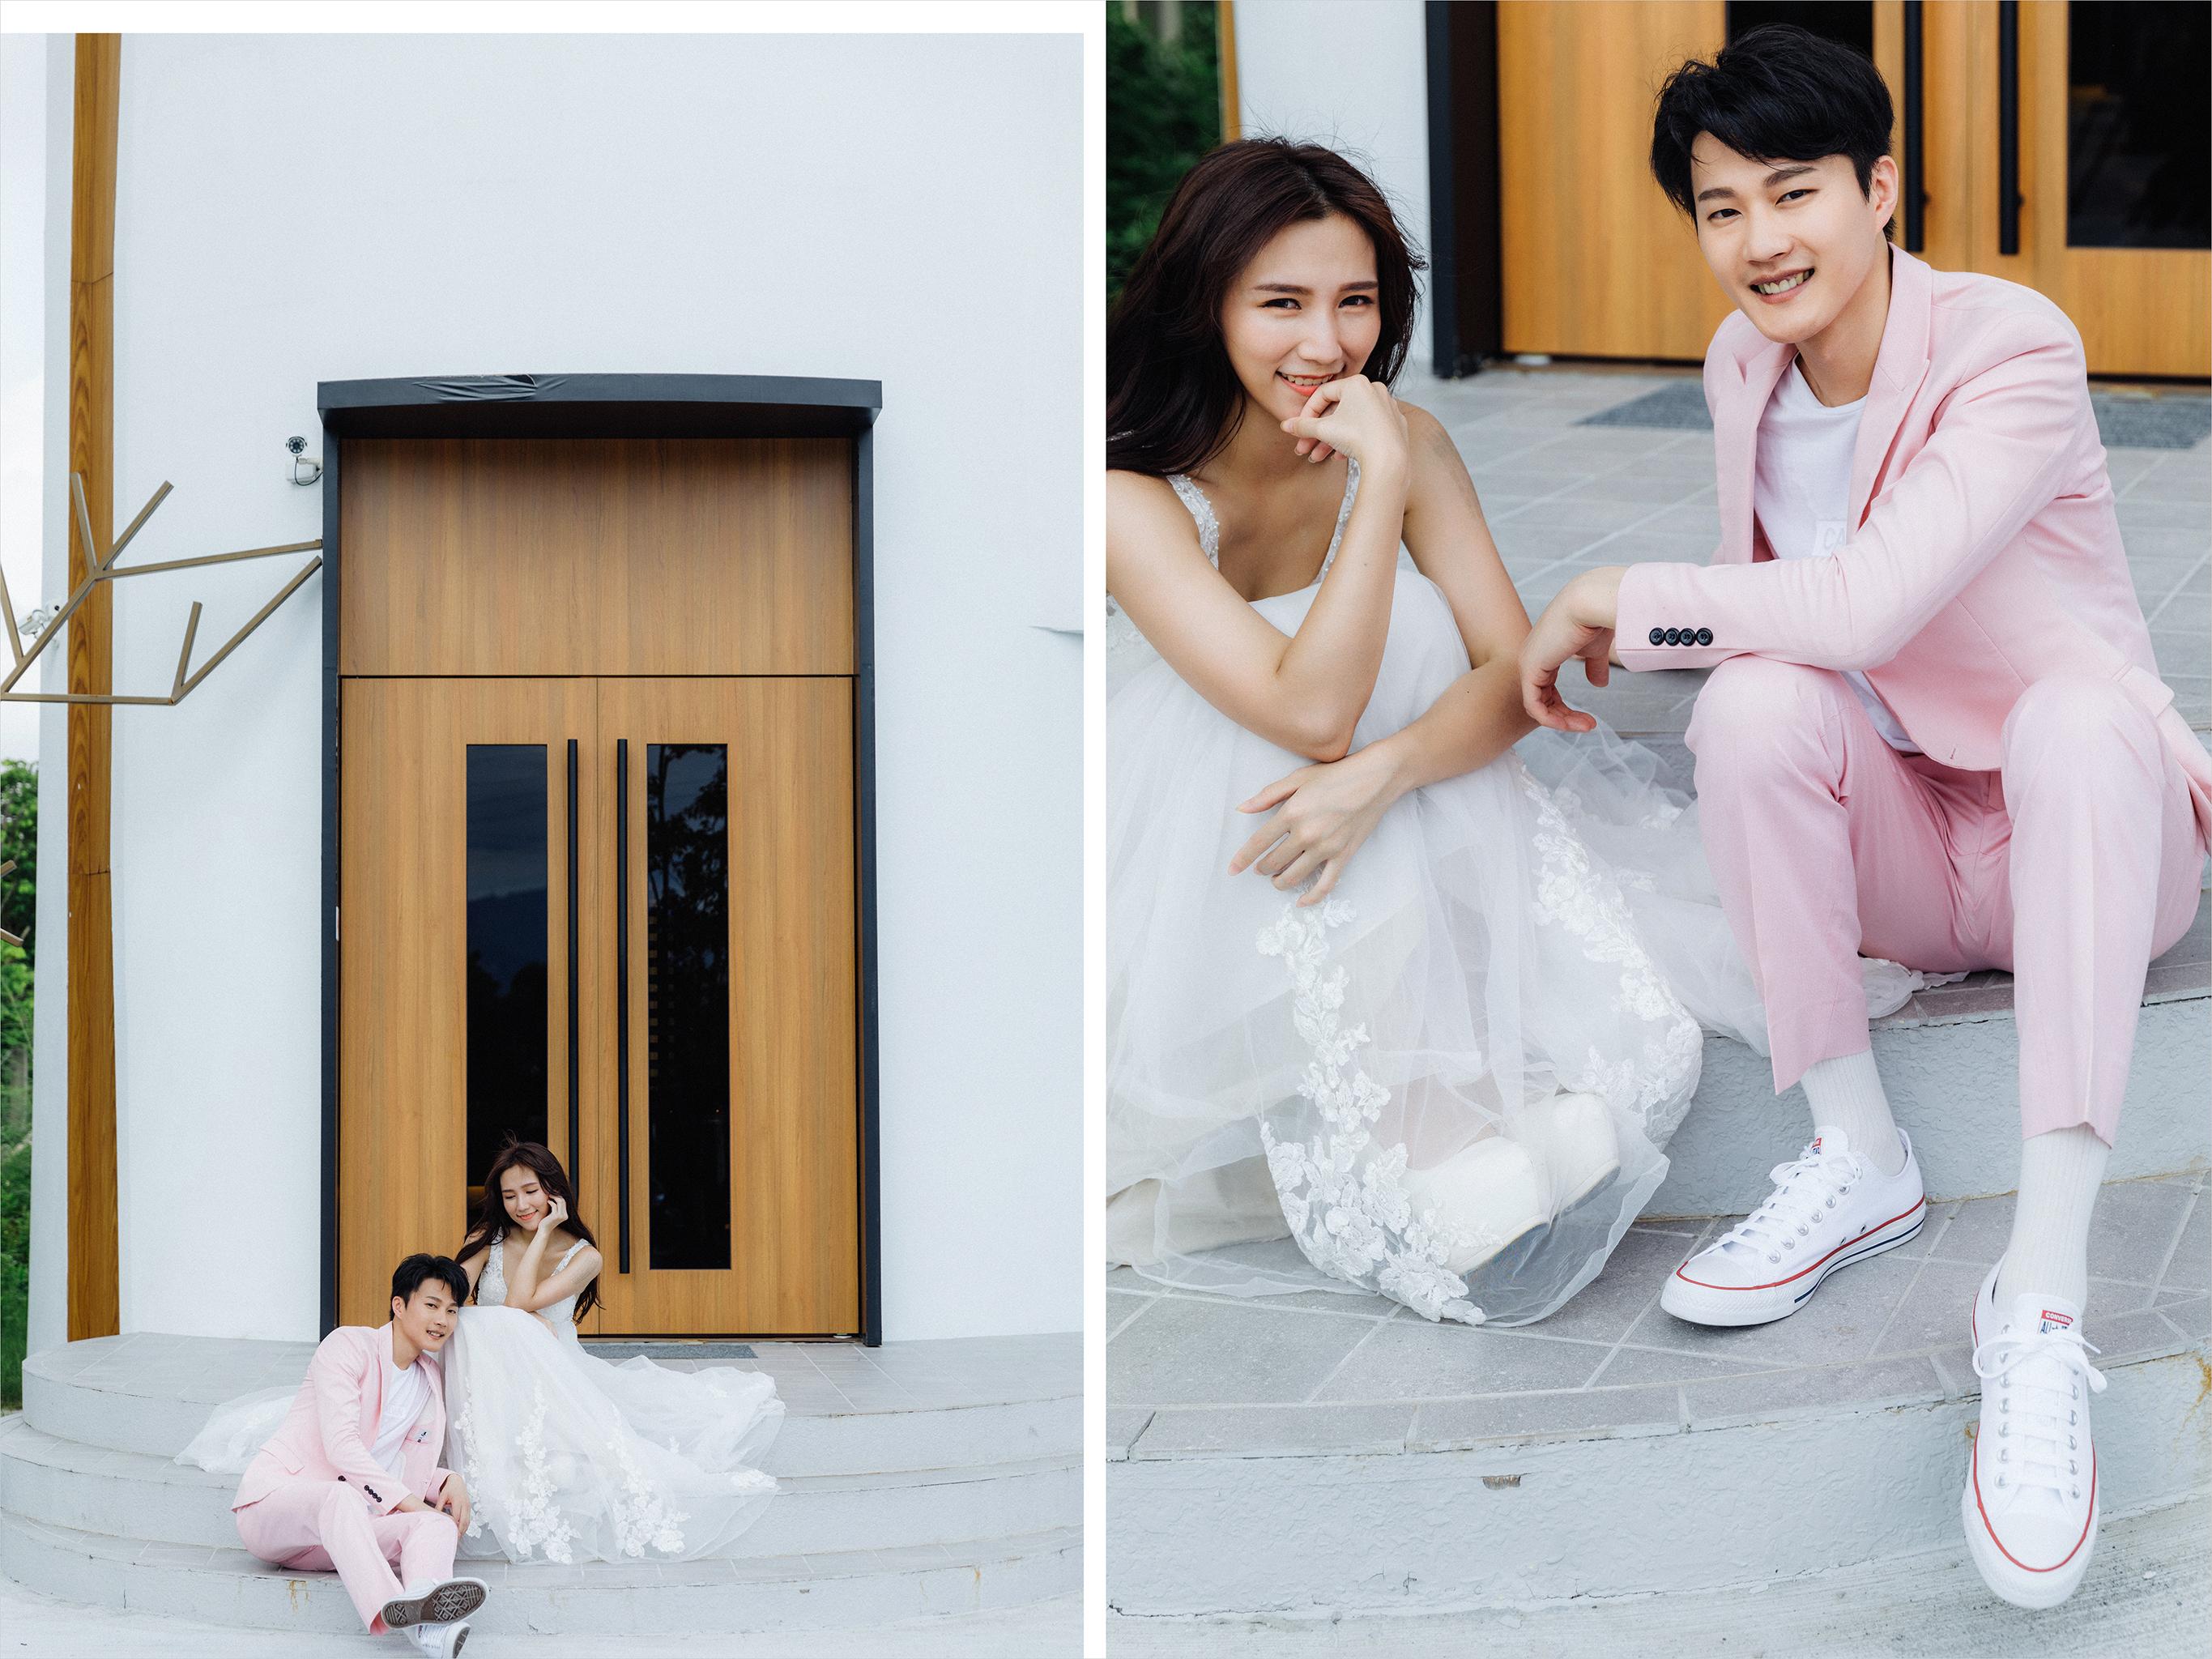 48592333127 caf87fc378 o - 【自主婚紗】+Ying&Wiwi+